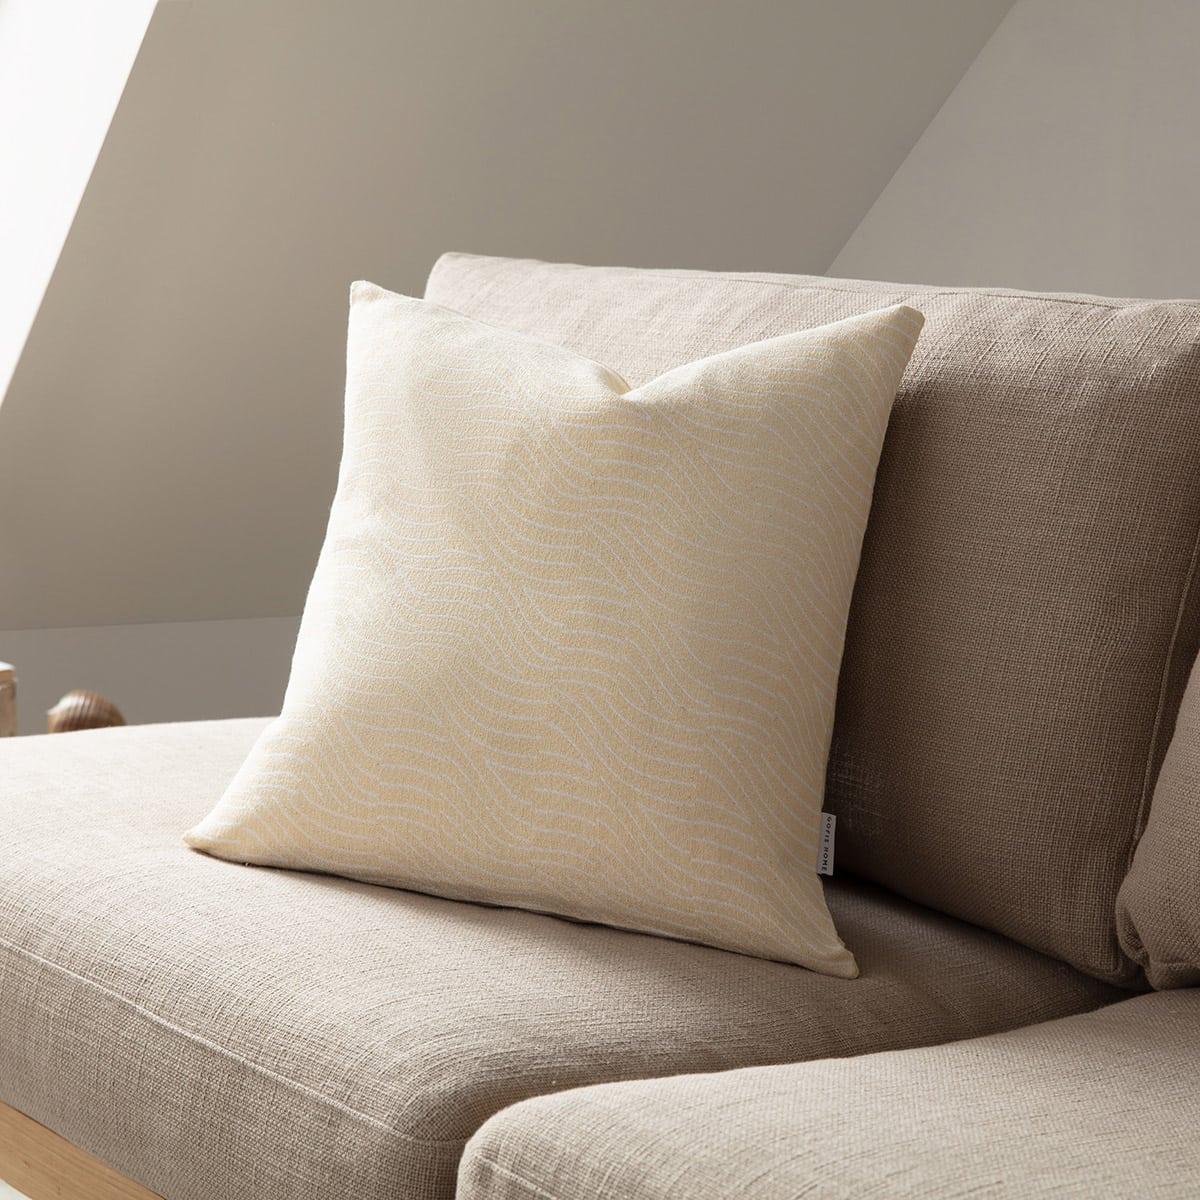 Μαξιλαροθήκη Διακοσμητική Oceania 183/04 Ochre – Off White Gofis Home 50X50 Βαμβάκι-Polyester